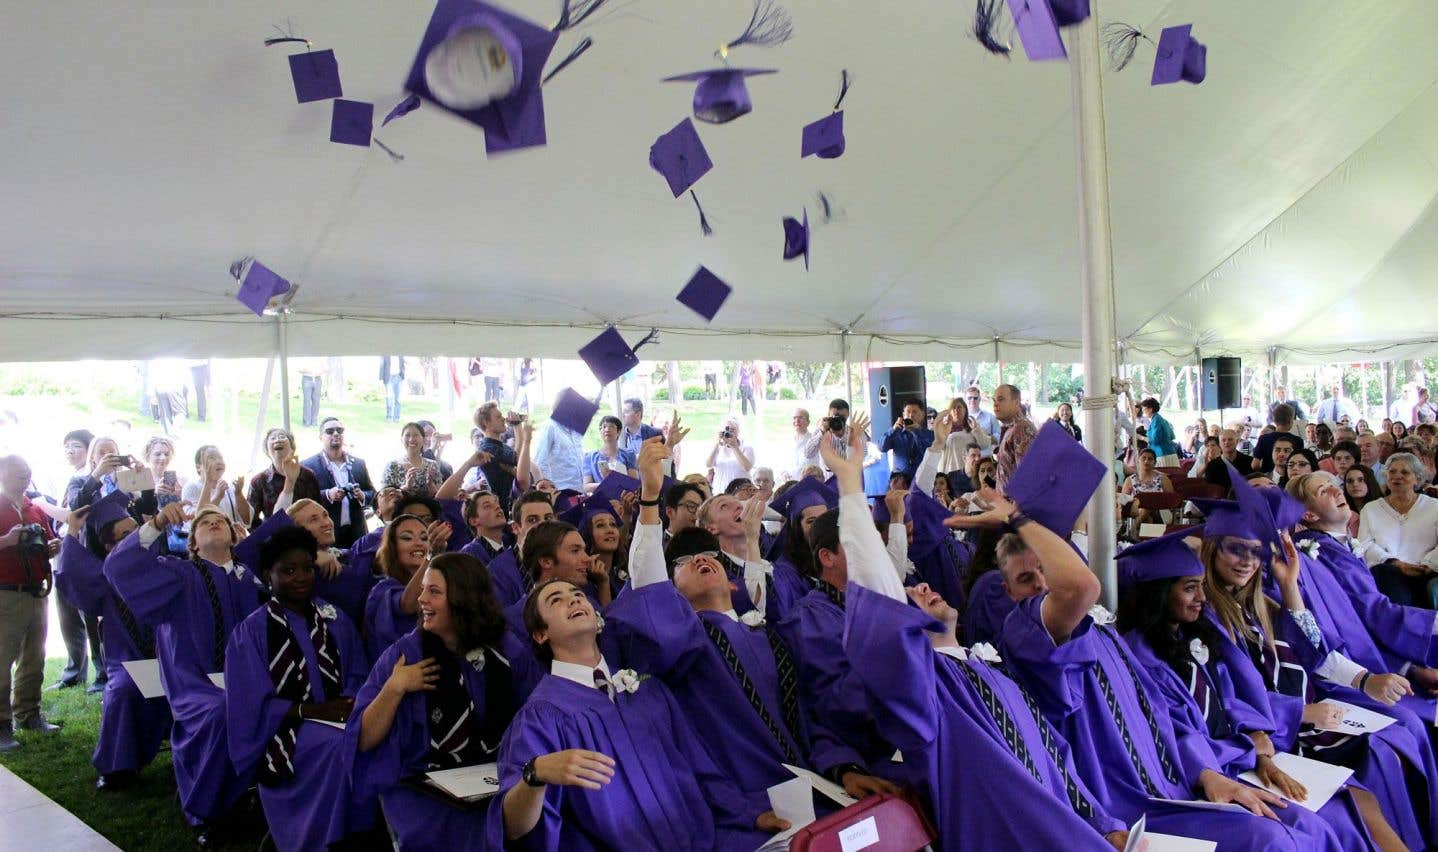 Environ 40% des élèves du Collège viennent de l'international.